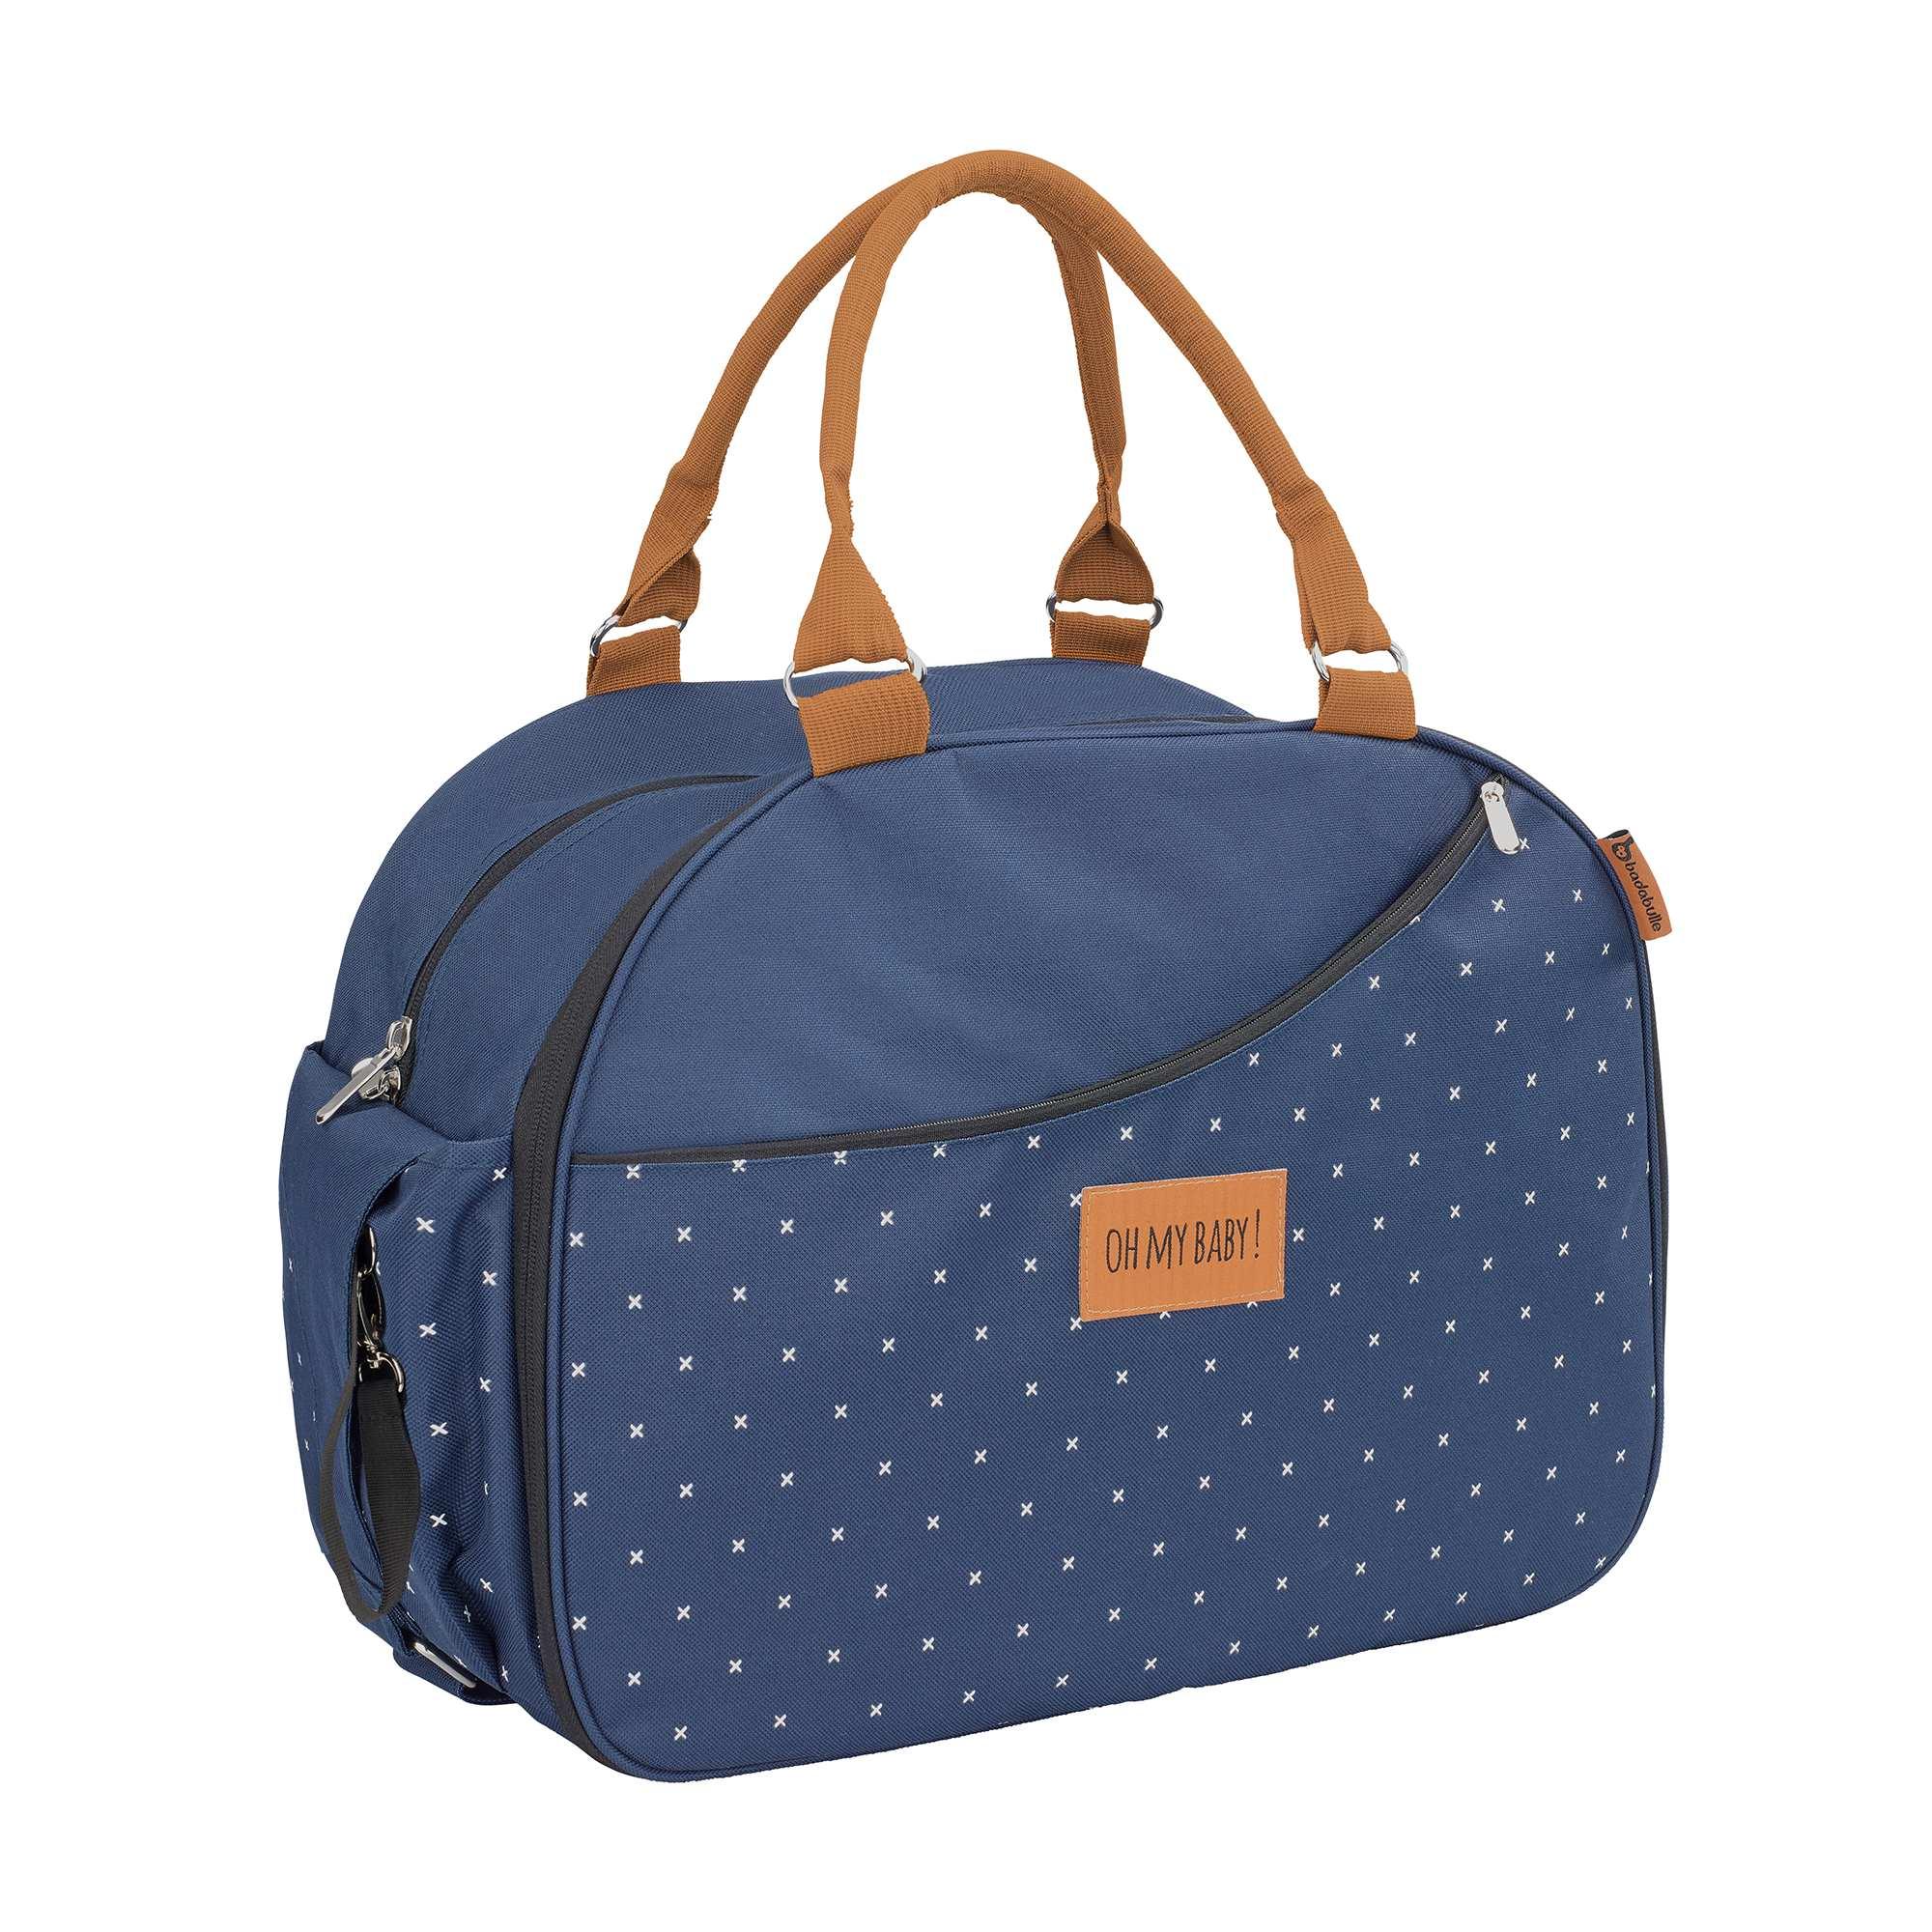 Couleur : bleu, anthracite, ,, - Taille : TU, , ,,Un sac à langer ultra pratique pour les petits déplacements ou pour partir en weekend,